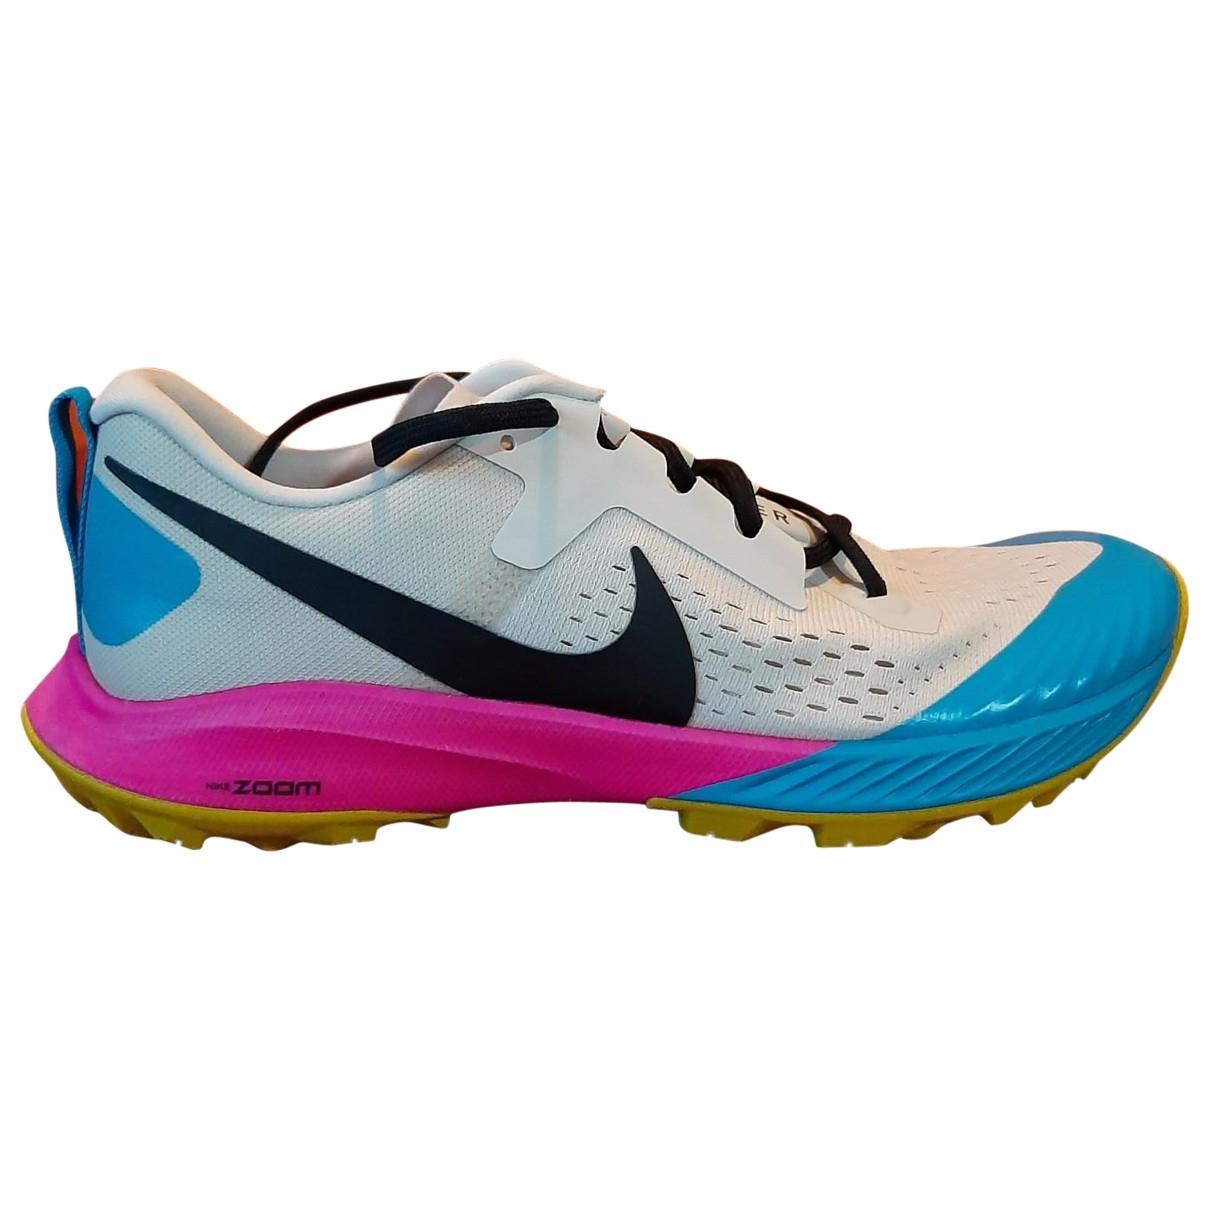 Nike - Baskets Zoom pour homme en toile - multicolore